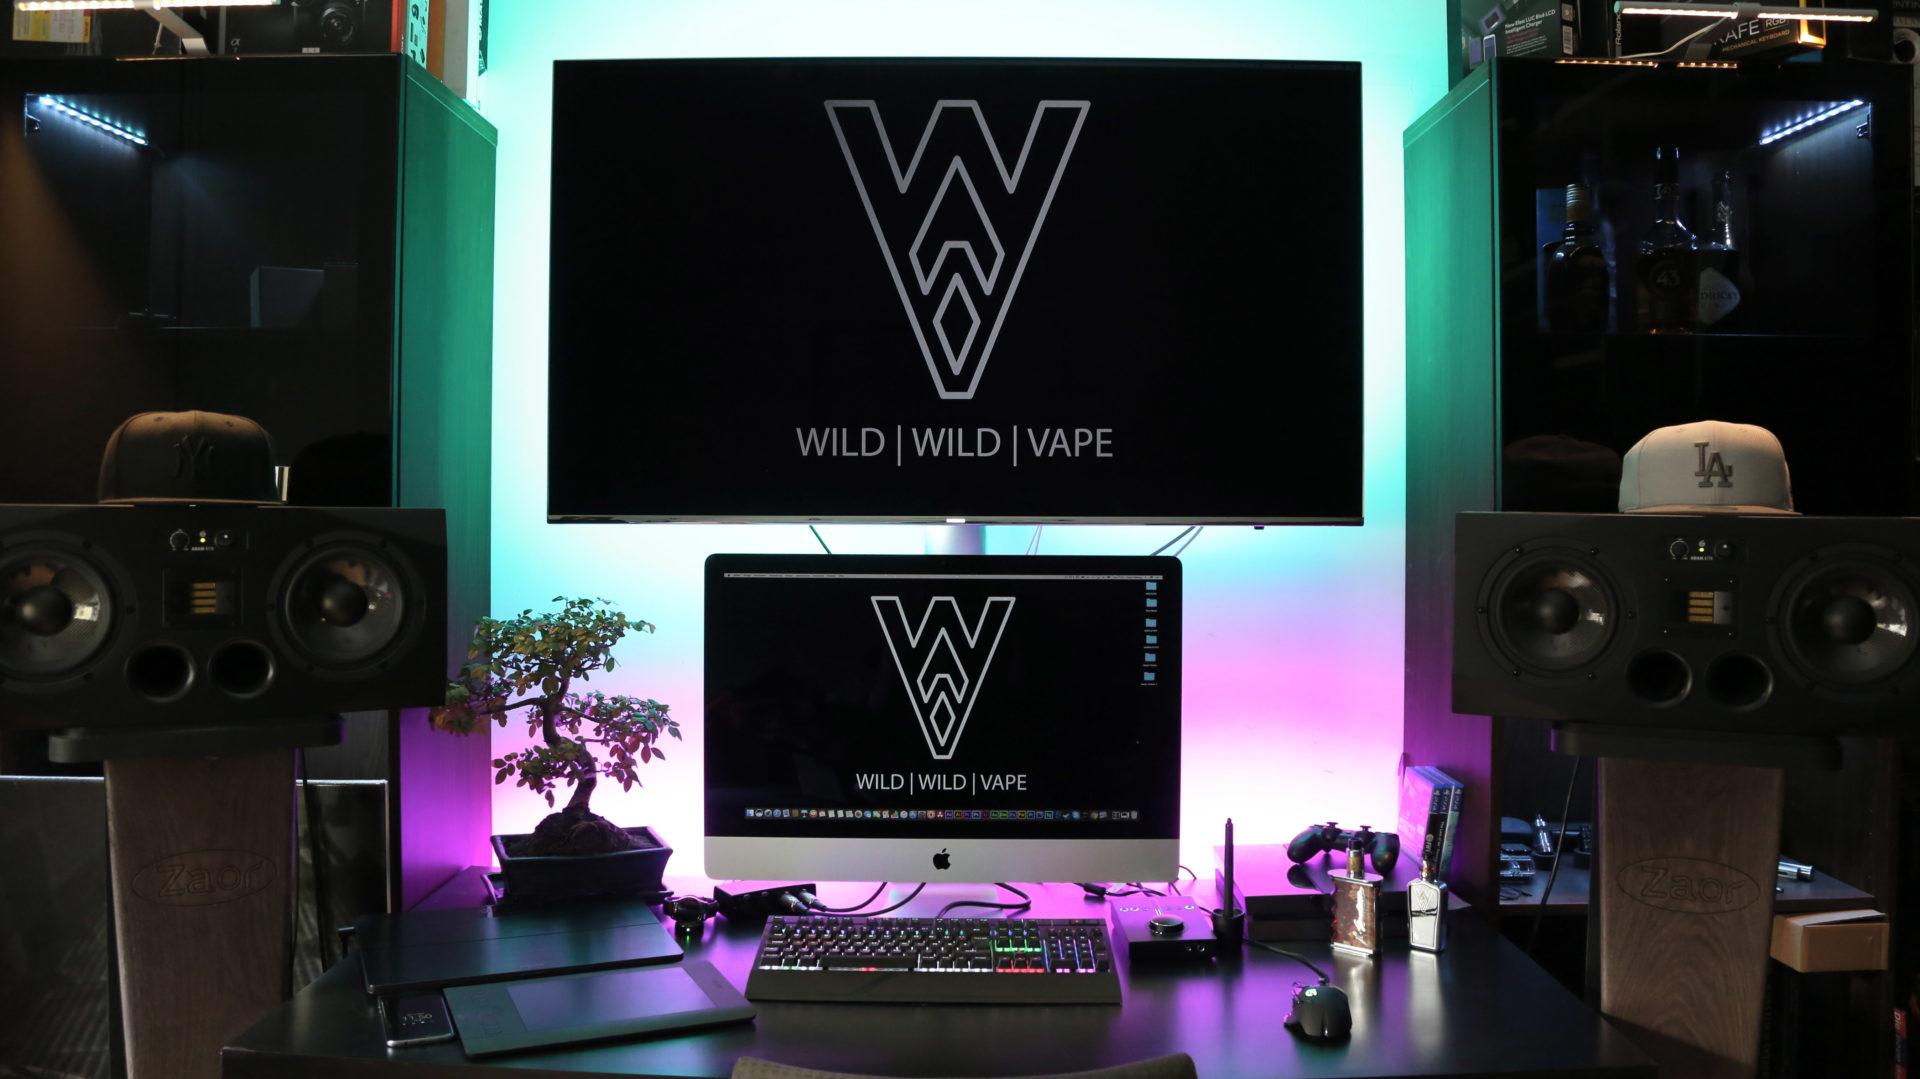 Wild Wild Vape